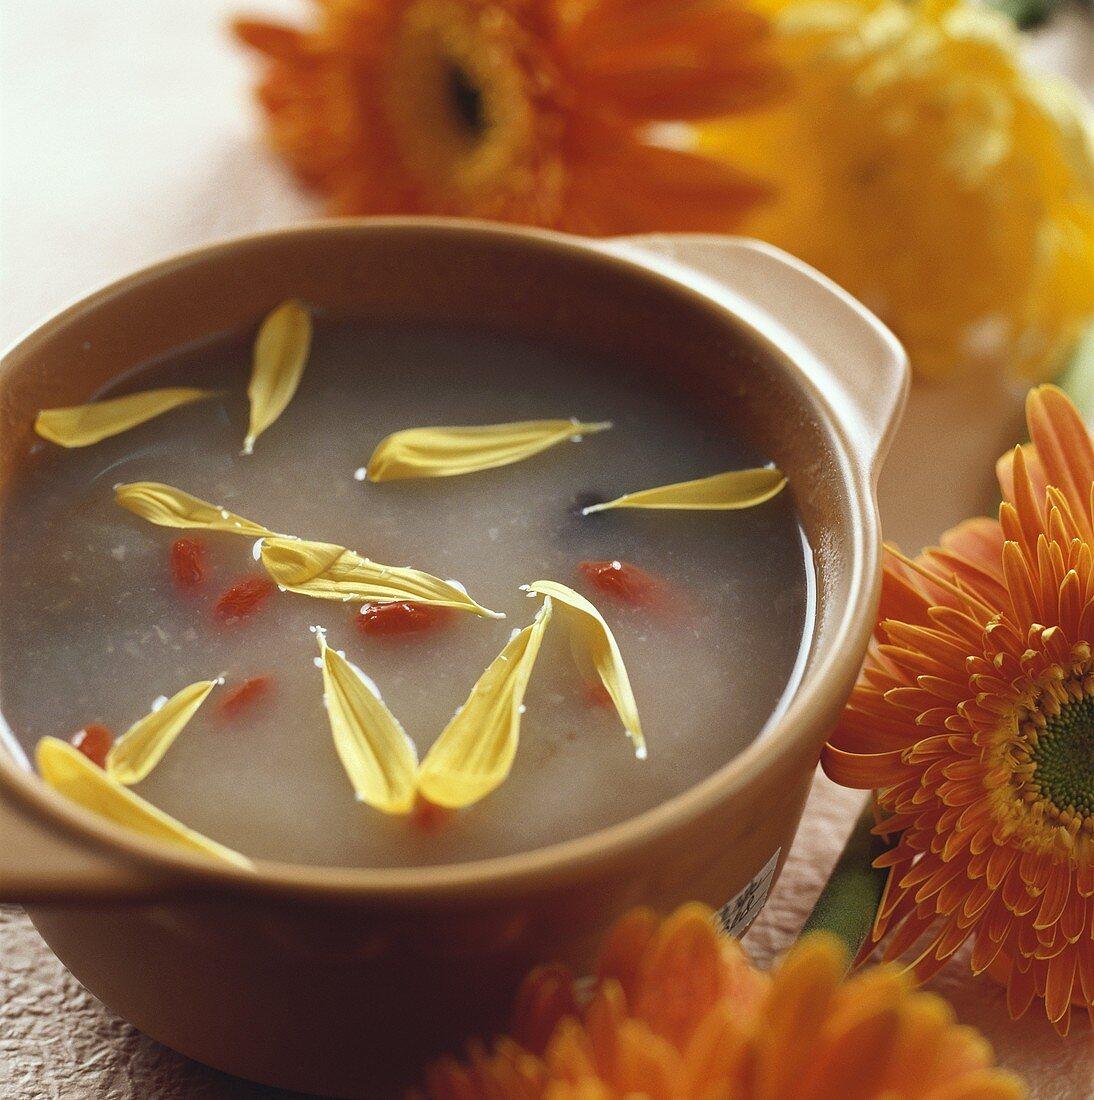 Rice porridge with chrysanthemum and wolfberries